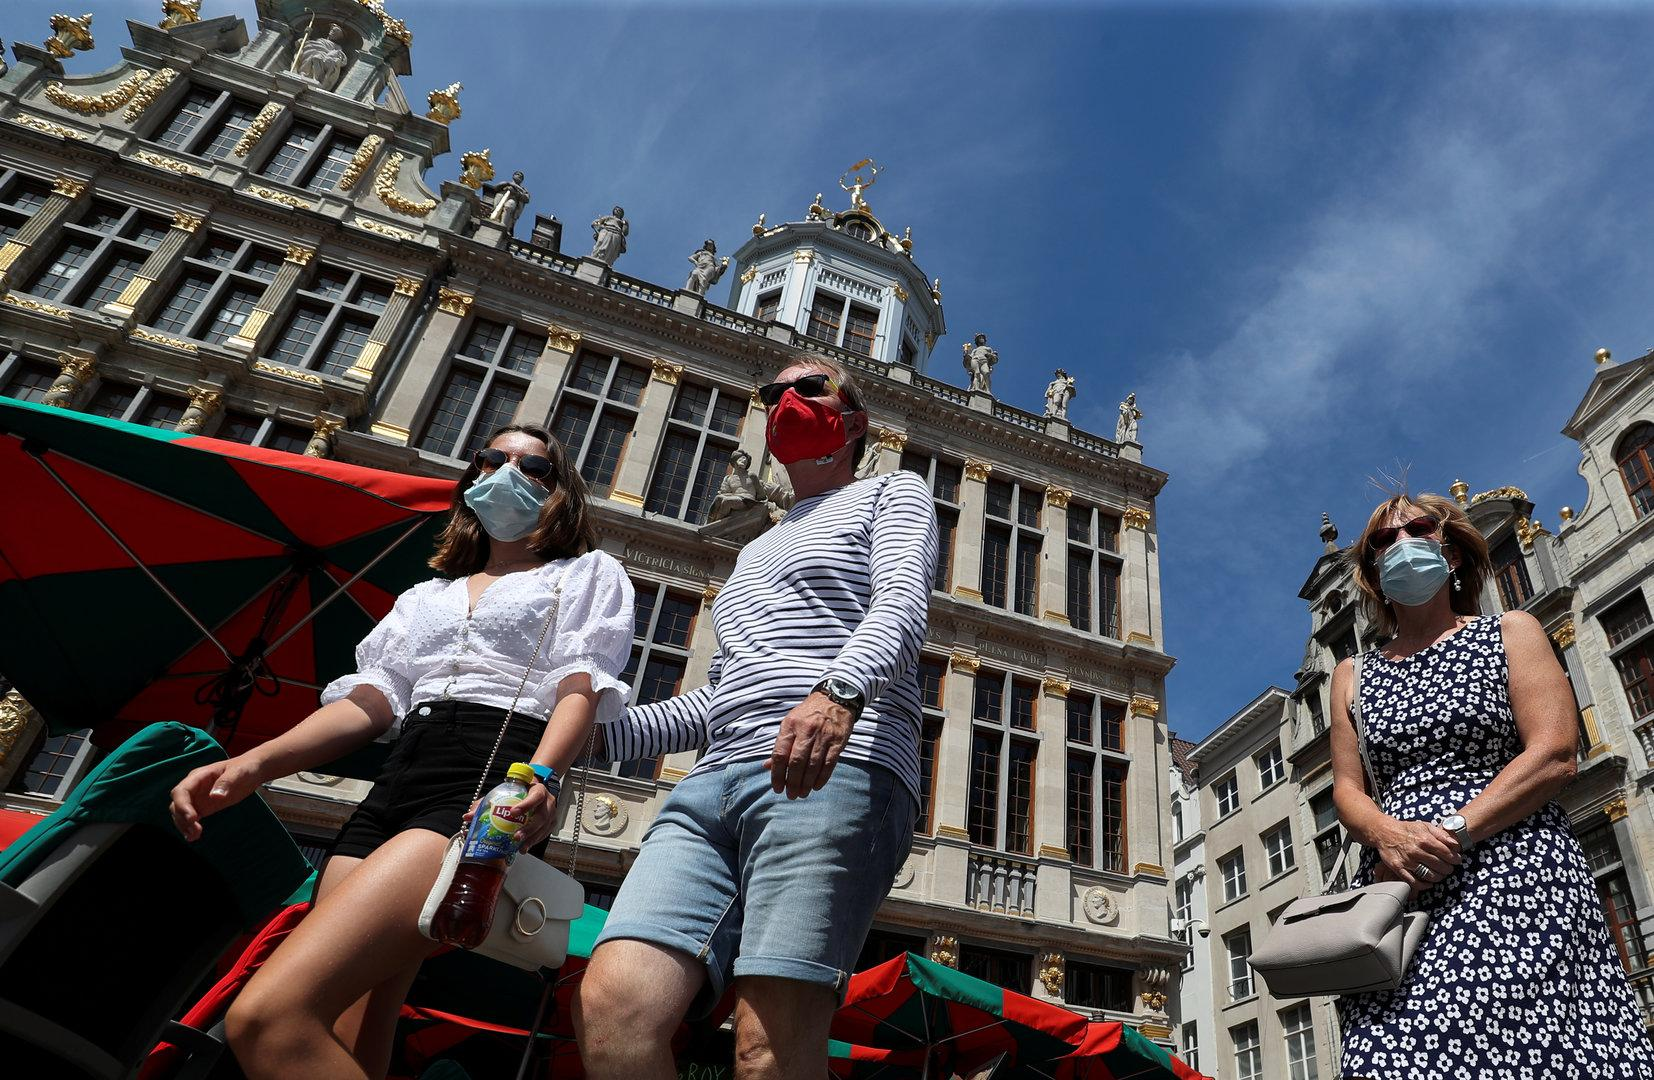 Coronavirus: Ab sofort Maskenpflicht in ganz Brüssel